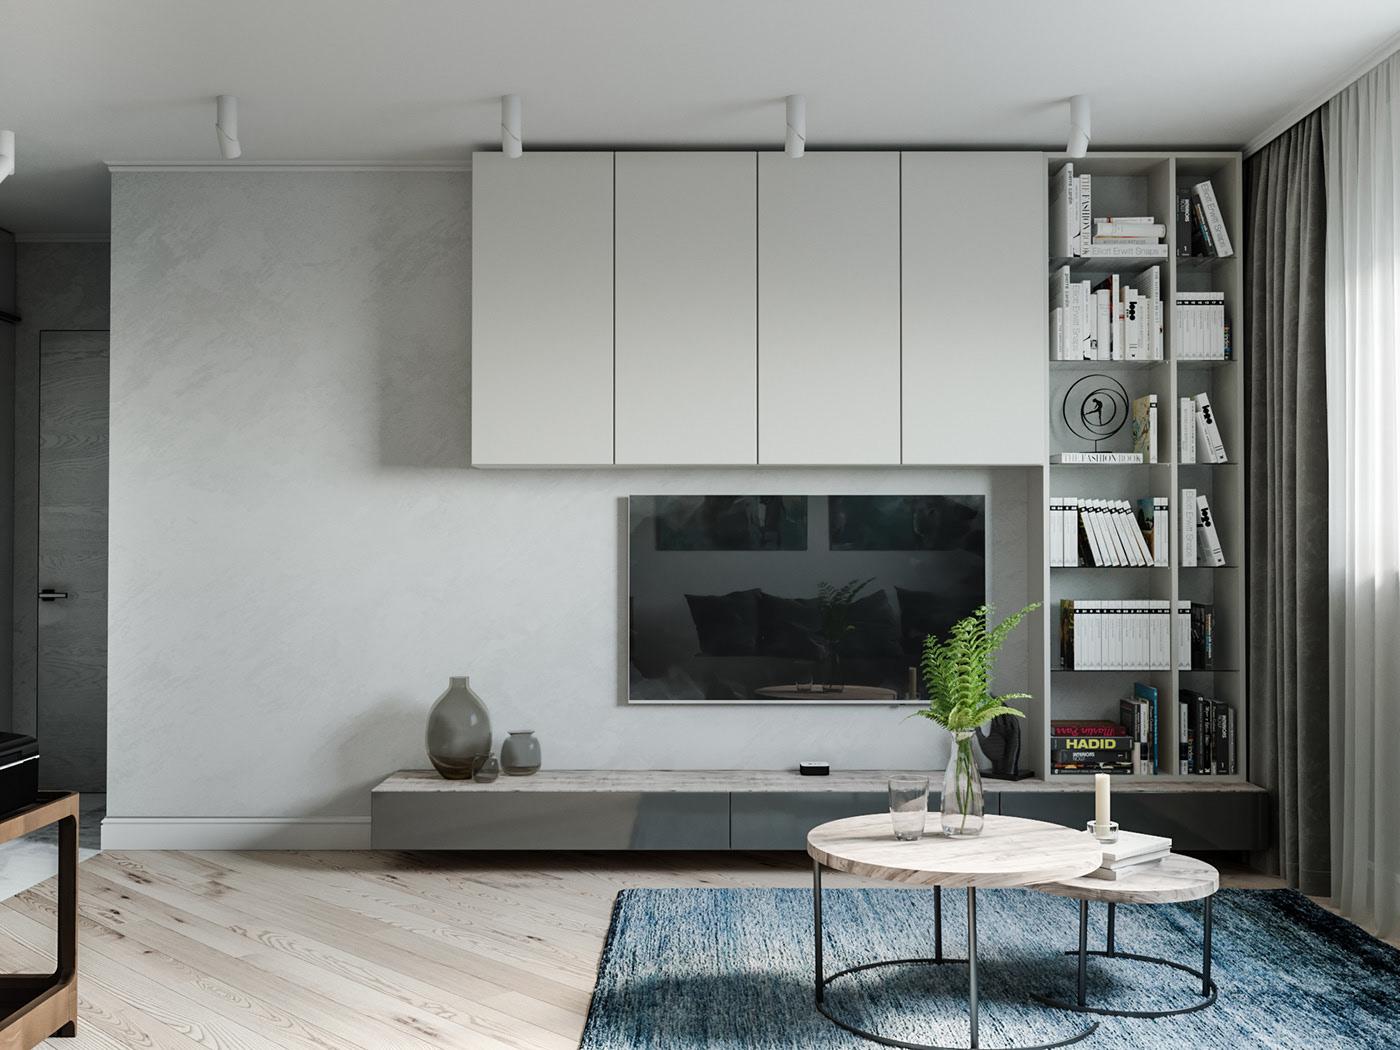 Ấn tượng với ngôi nhà có diện tích 70m2 được kiến trúc sư tư vấn thiết kế với chi phí 120 triệu đồng - Ảnh 5.